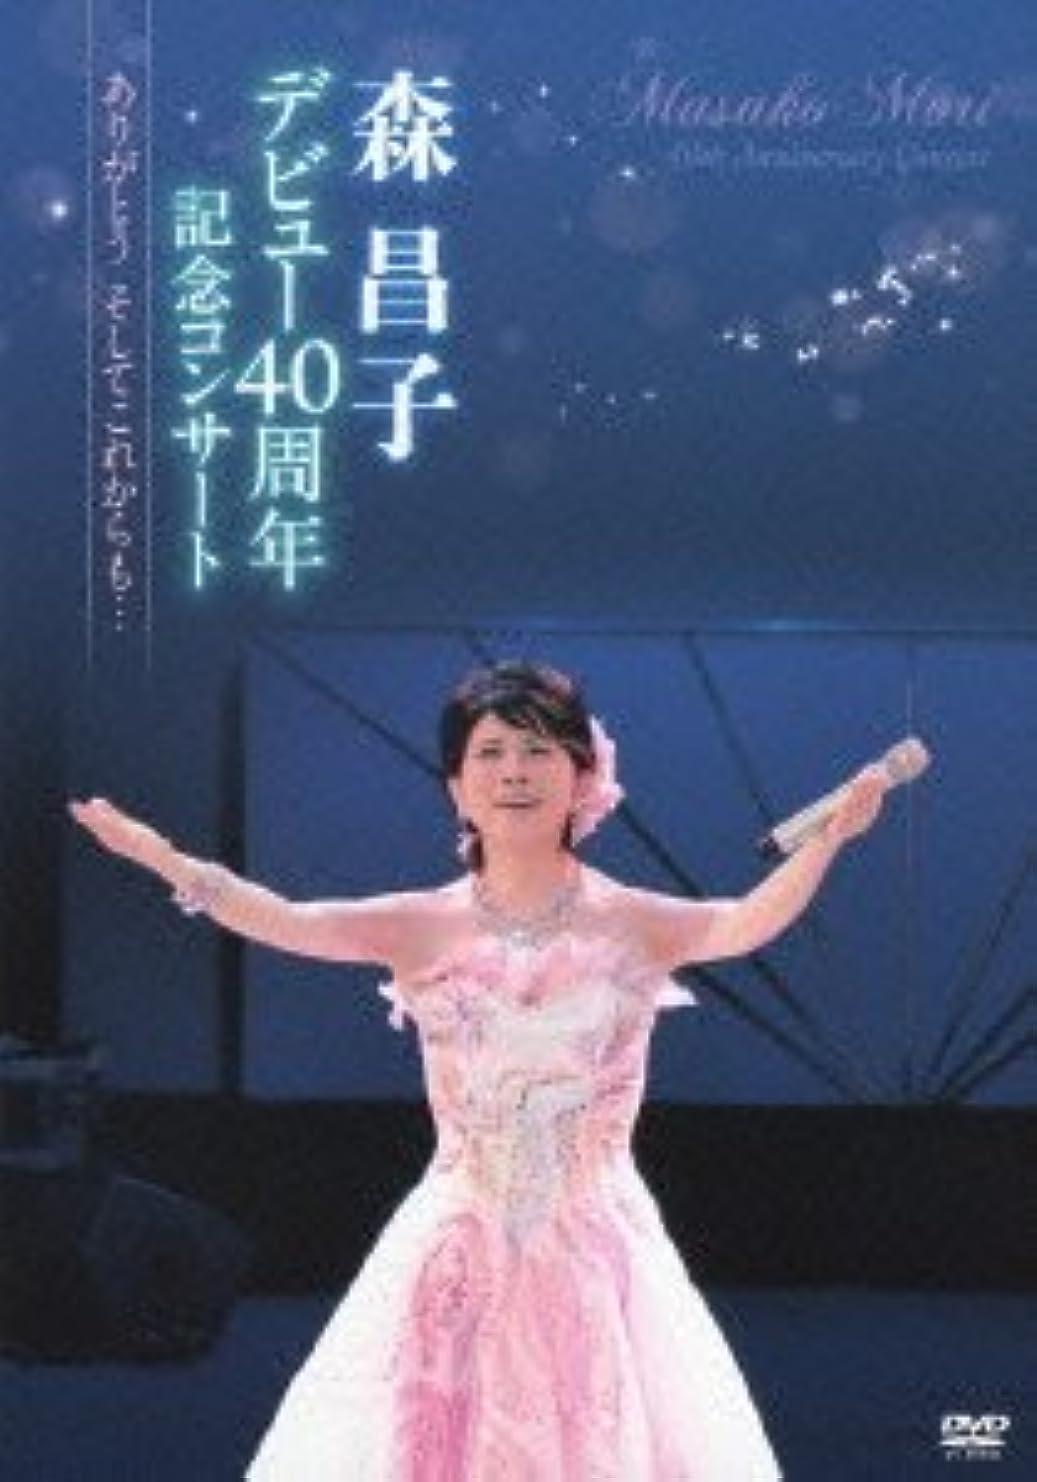 割り当て肉屋近所の中村美律子デビュー30周年記念コンサート ~歌う門には福来たる~ [DVD]